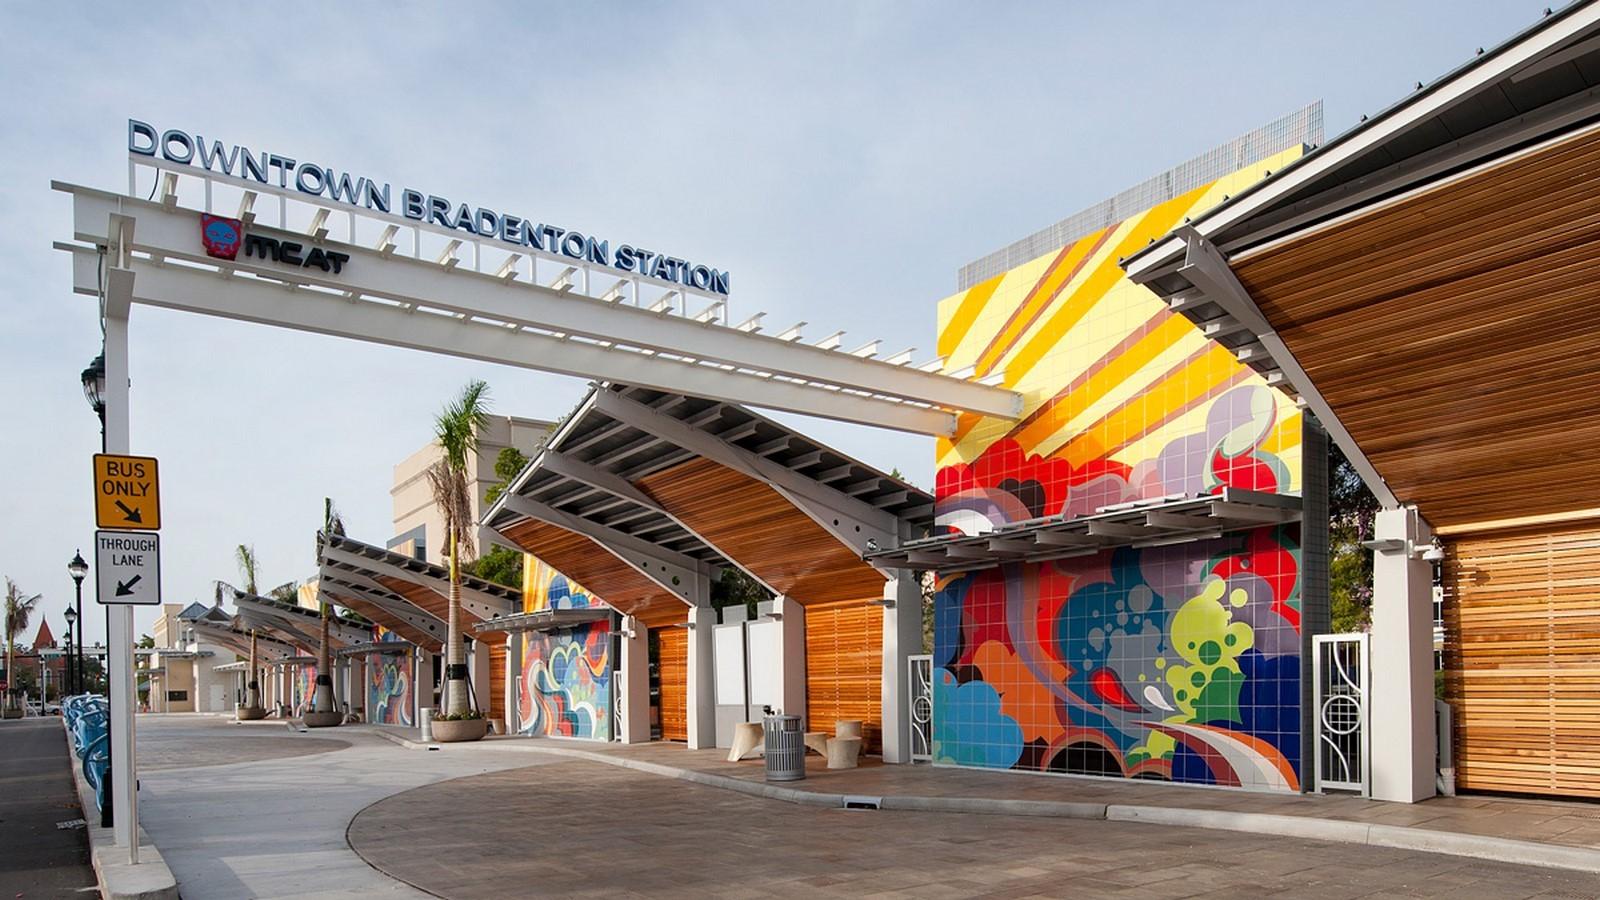 Downtown Bradenton Transit Station- sheet1